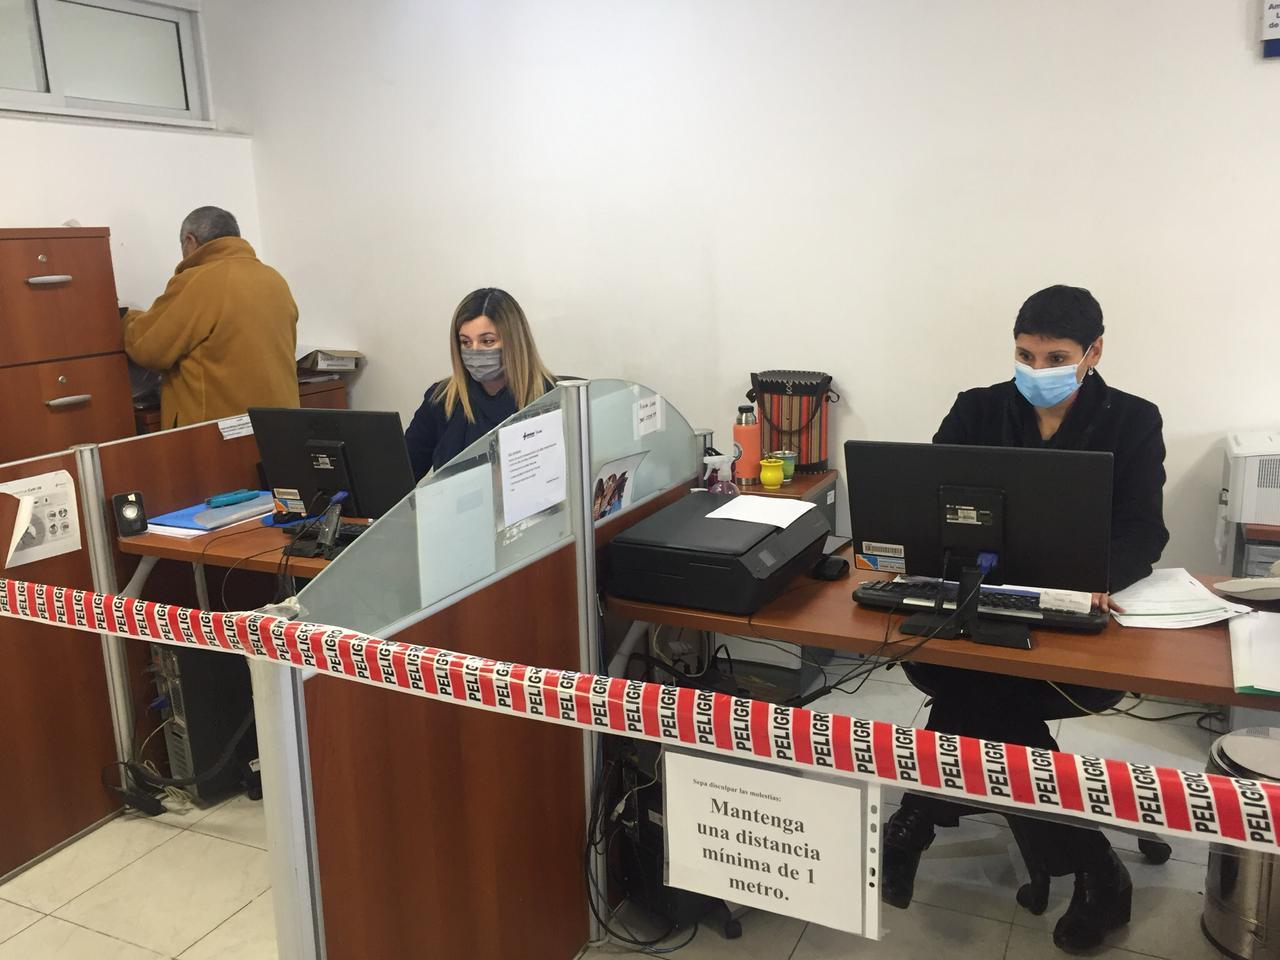 Vacunatorio Gratuito en UTEDYC: Un Ejemplo a Seguir.